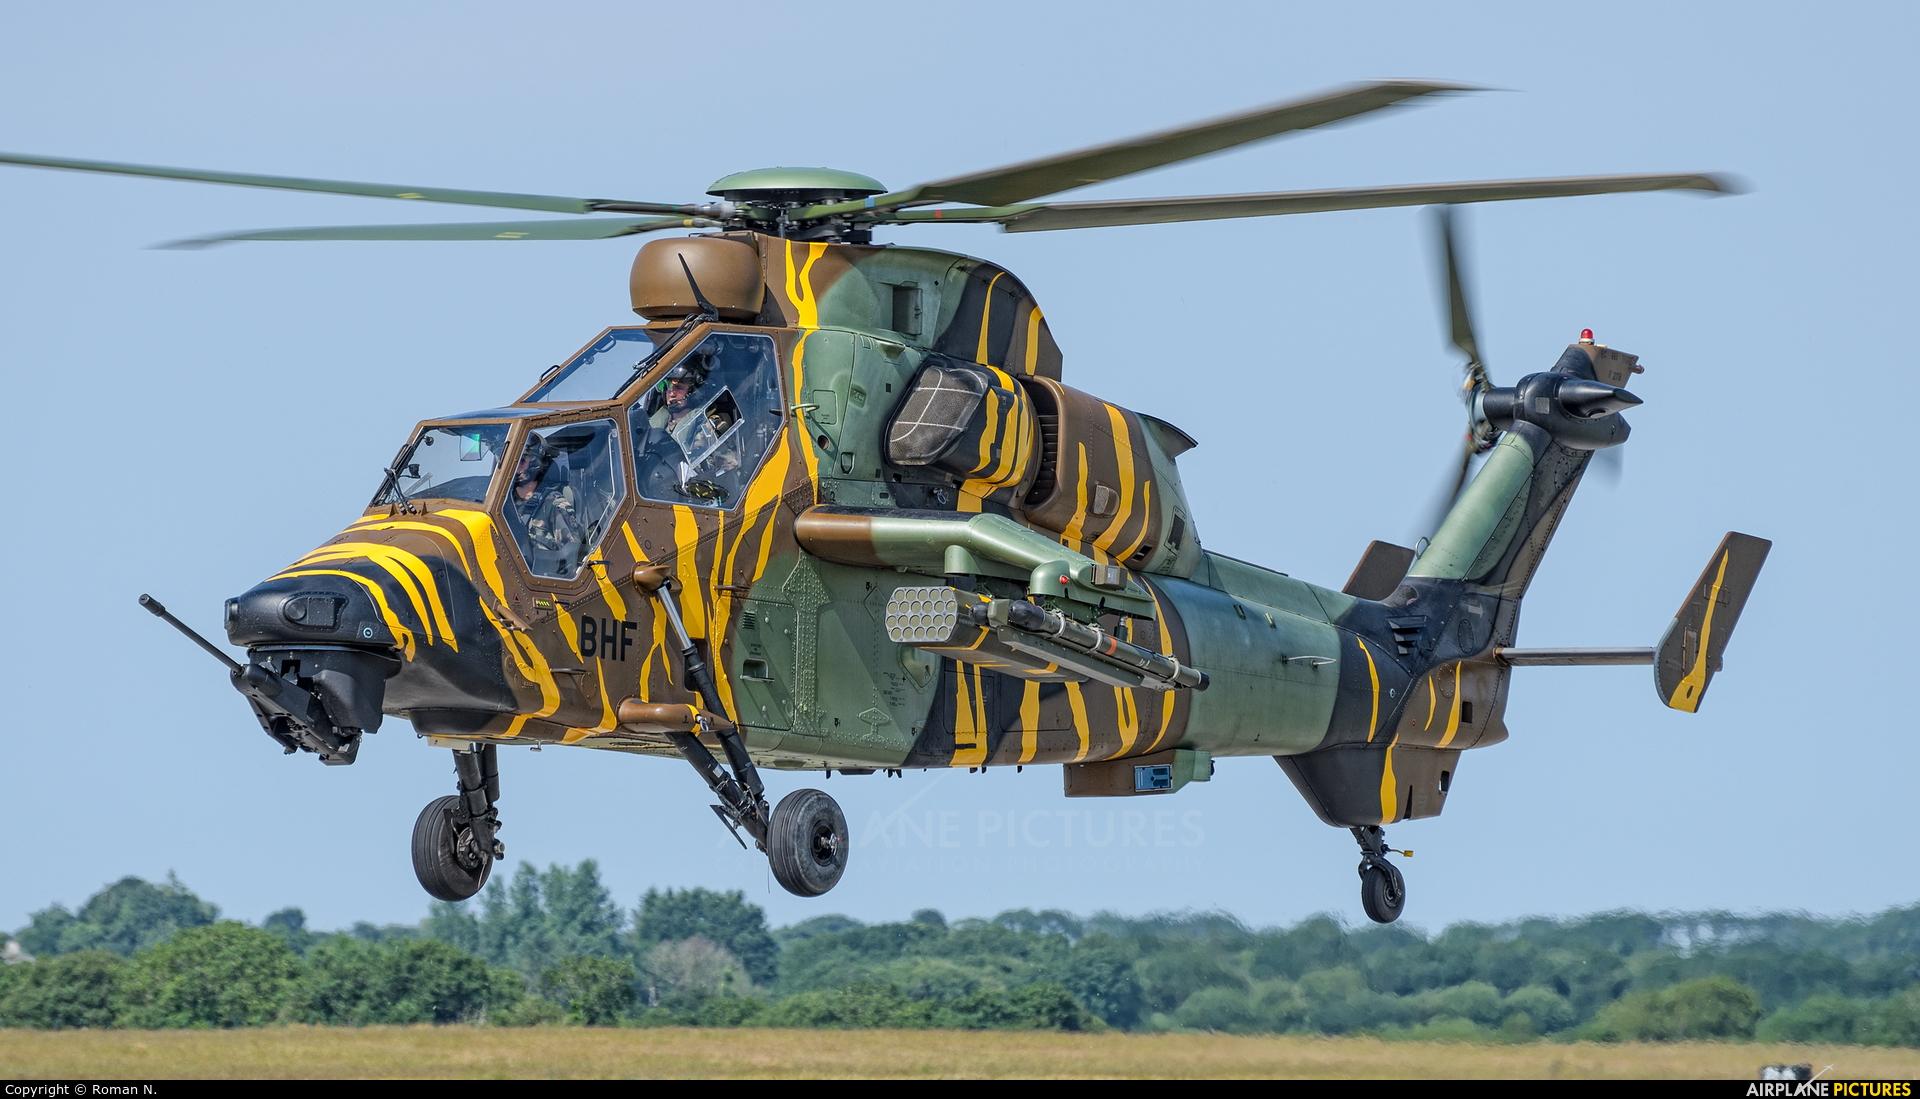 France - Army 2018/BHF aircraft at Landivisiau